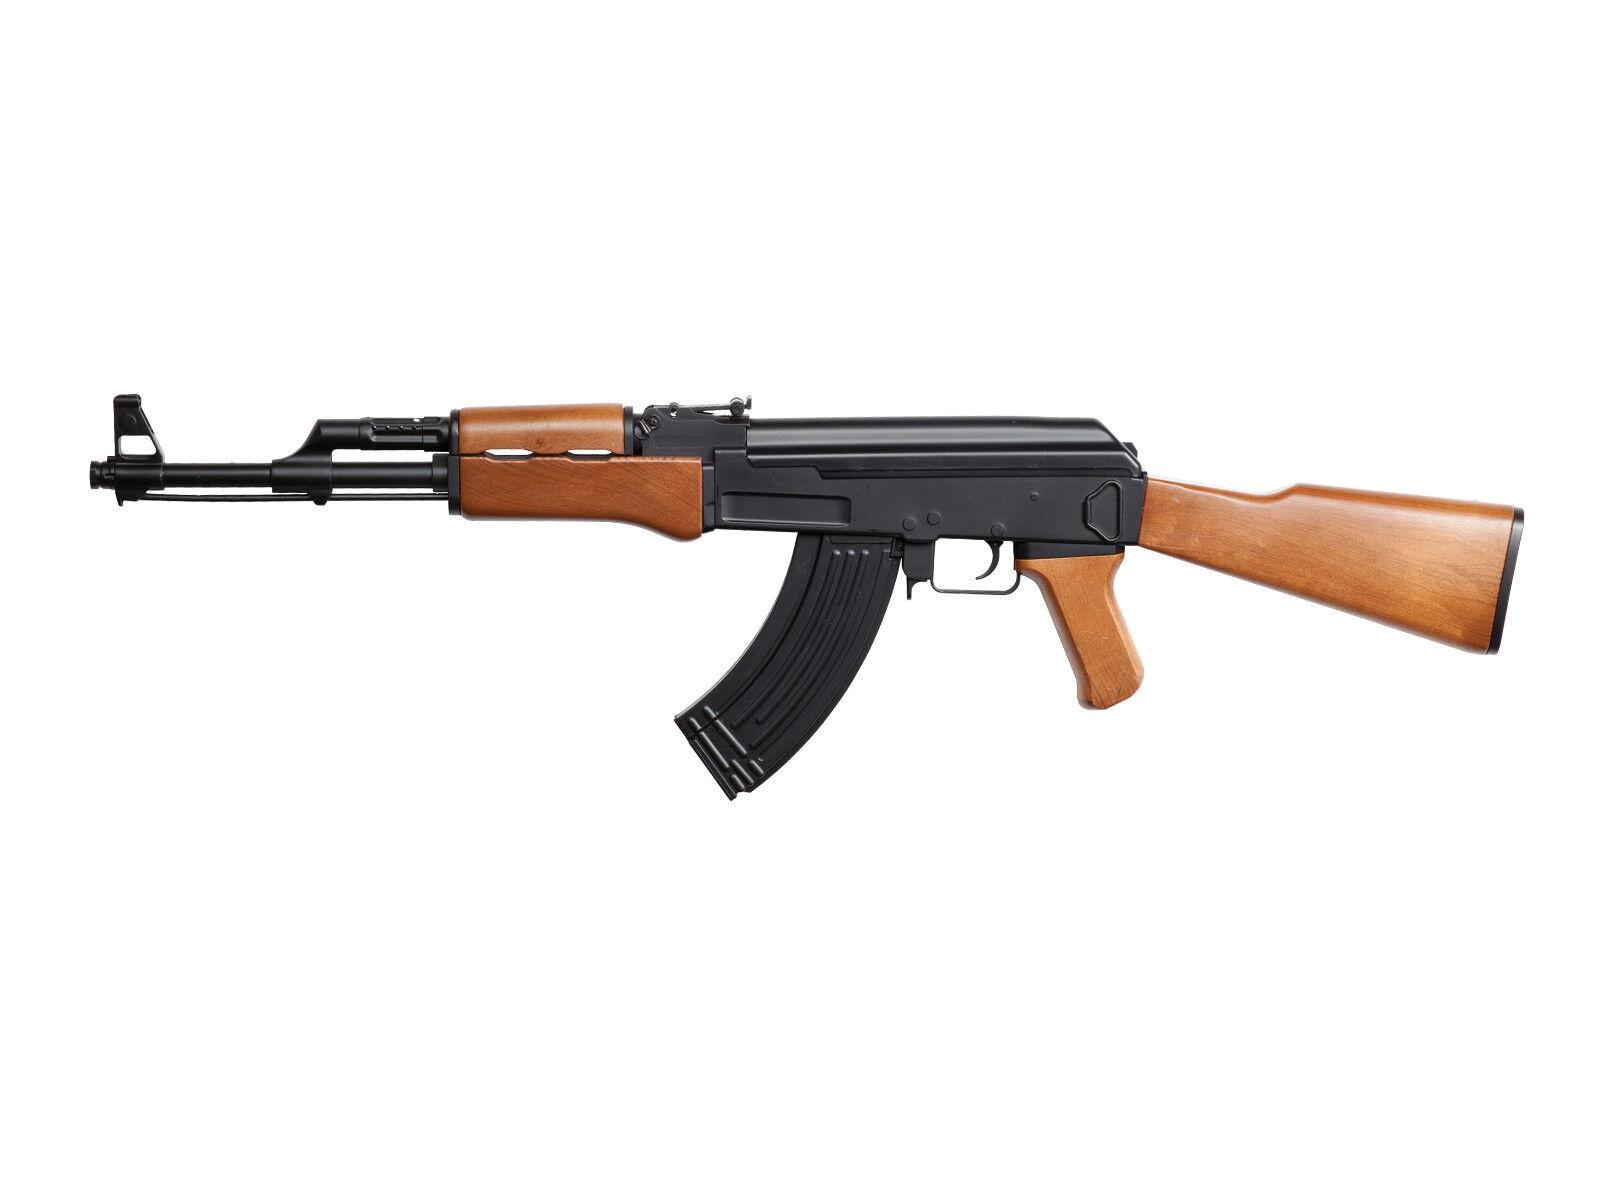 Softair Sturmgewehr AK 47 Arsenal SLR105 AEG Komplettset mit Akku u. Ladegerät